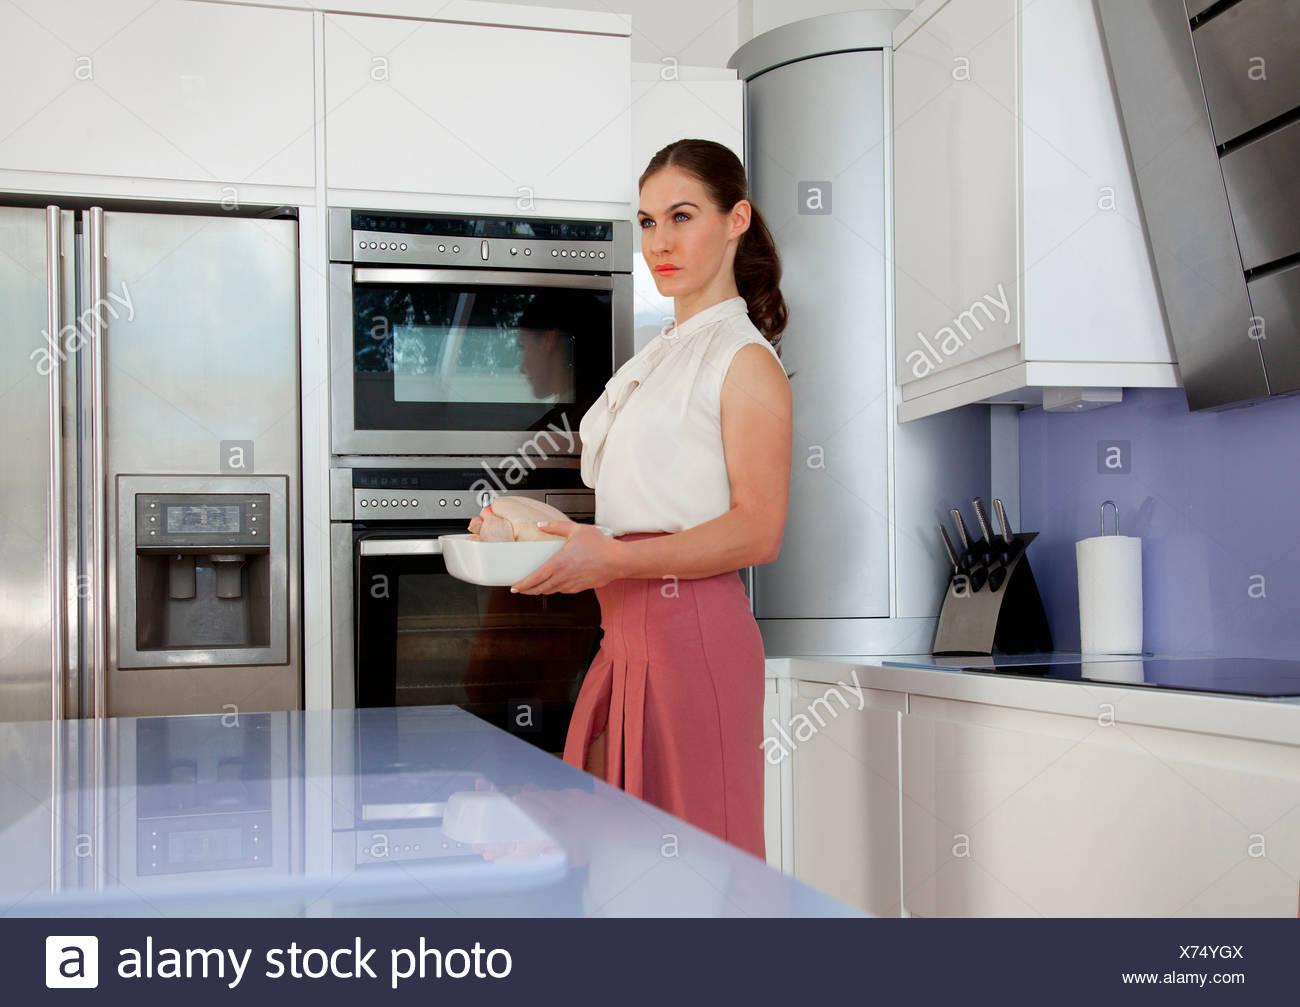 Jeune femme tenant un plat à rôtir dans la cuisine Photo Stock